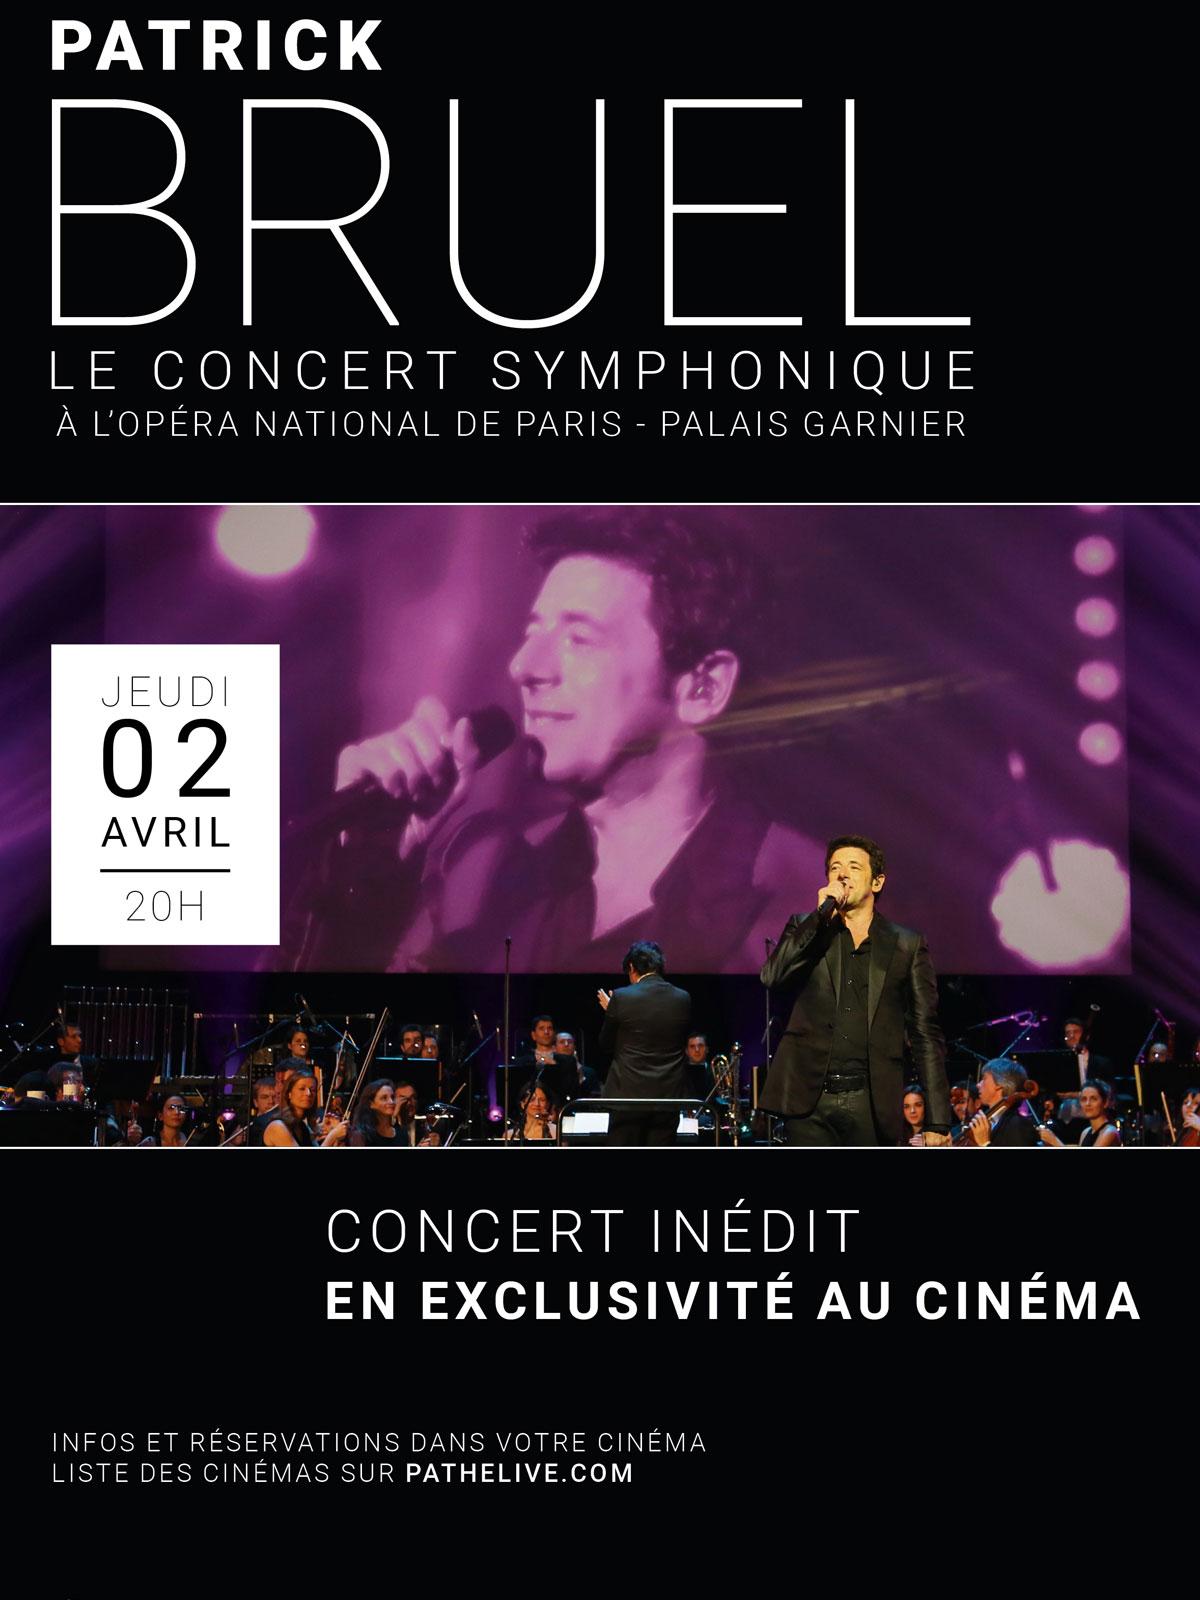 Télécharger Patrick Bruel - Le Concert Symphonique (Pathé live) HDLight 1080p TRUEFRENCH